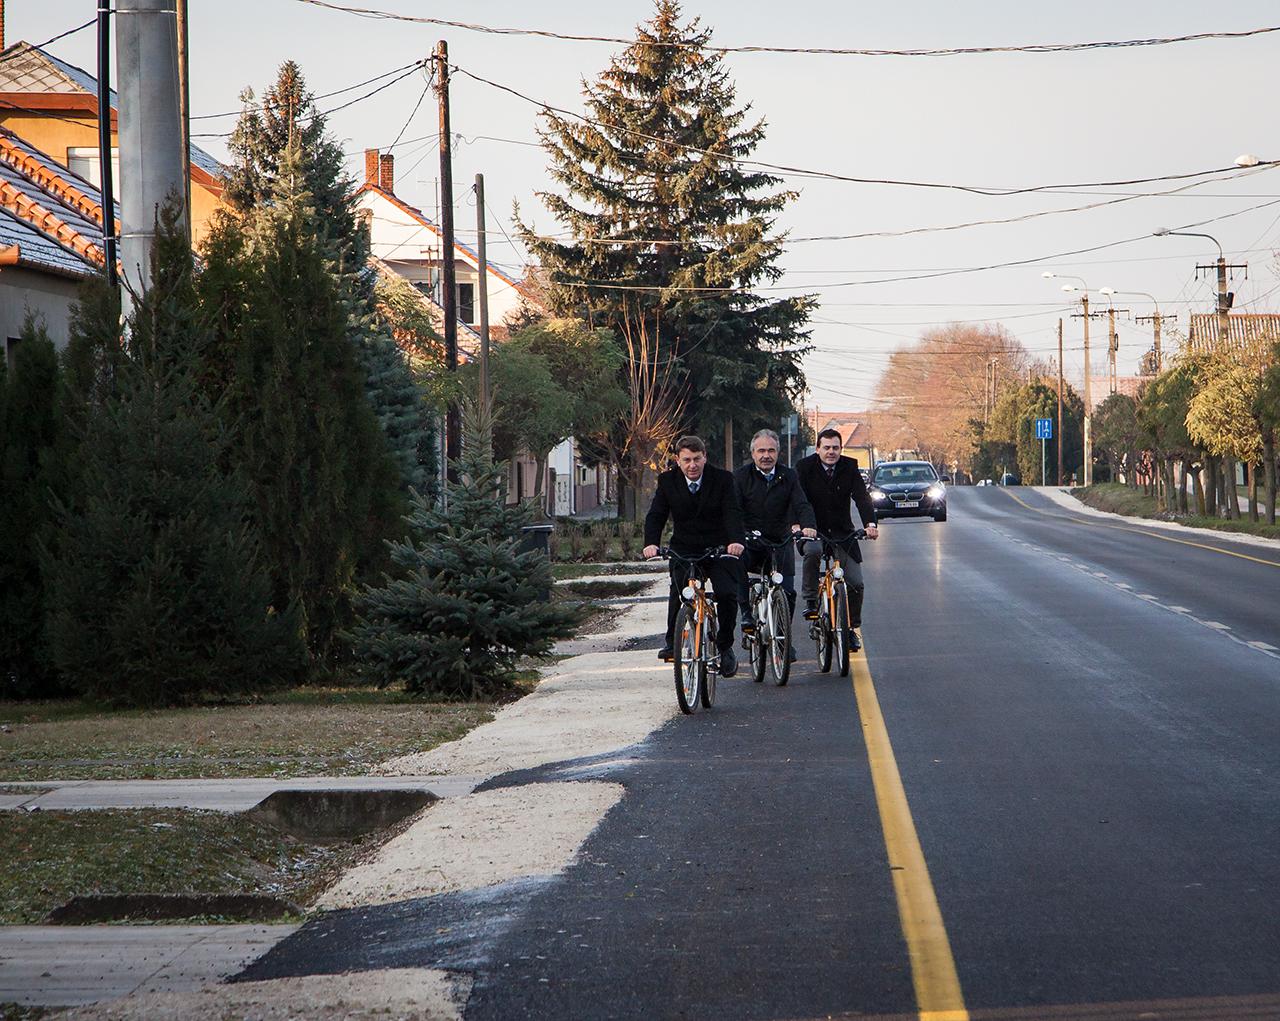 Jánossomorja kerékpárút átadó ünnepség 11.30 - Nagy István miniszter, országgyűlési képviselő